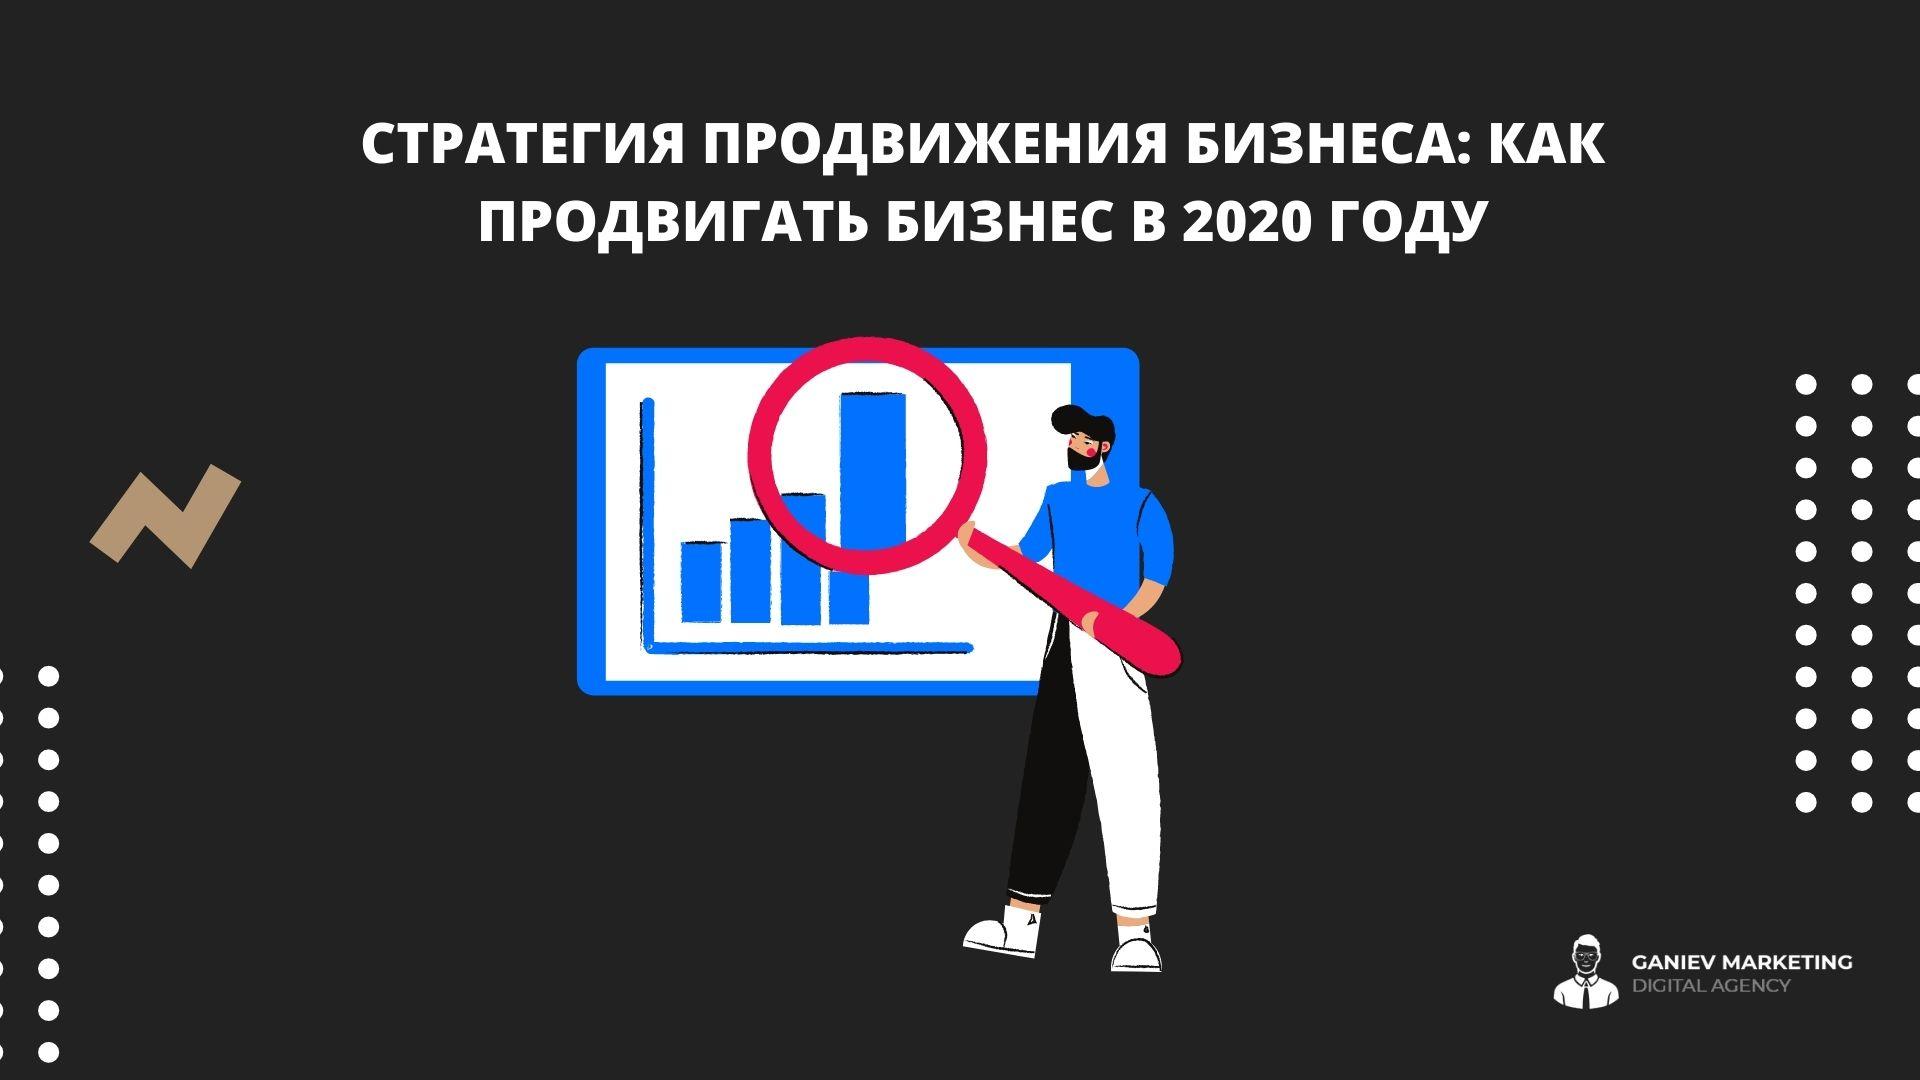 Стратегия продвижения бизнеса: Как продвигать бизнес в 2021 году